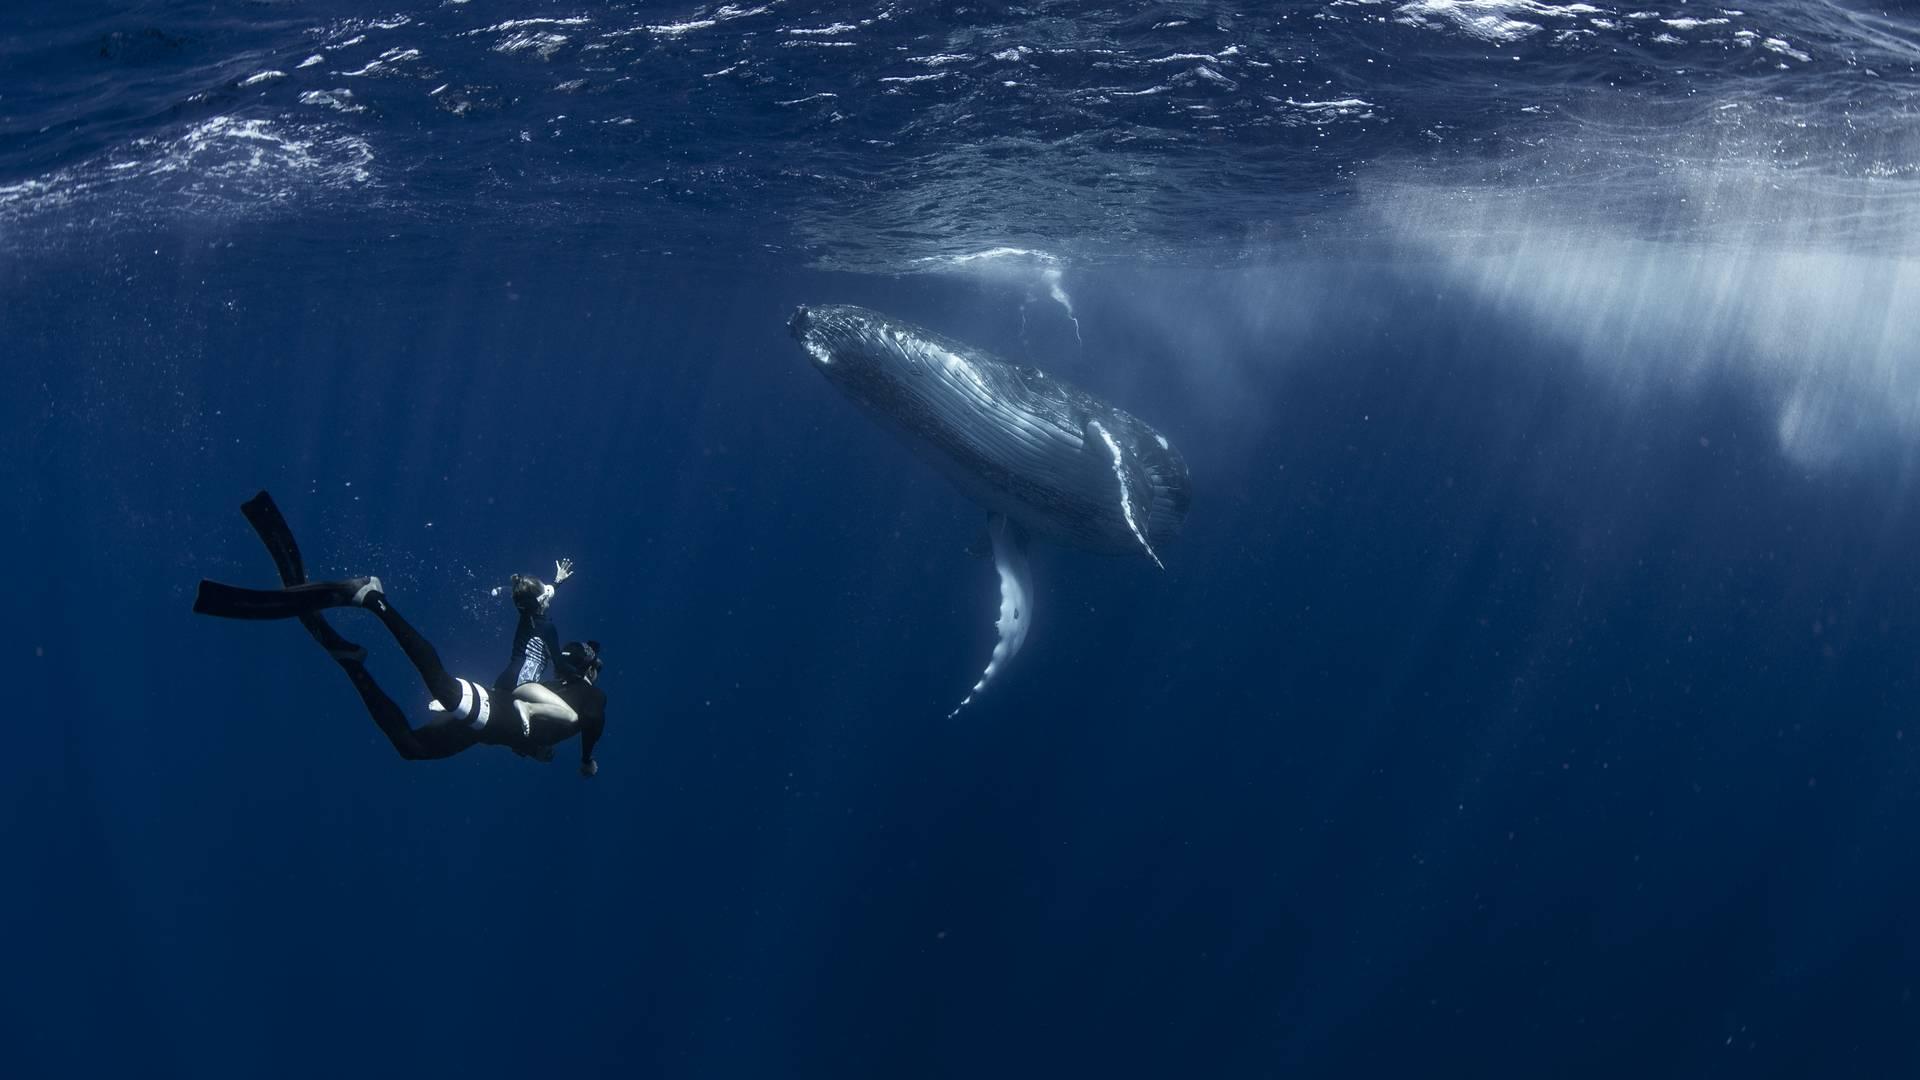 ontmoeting tussen mens en walvis